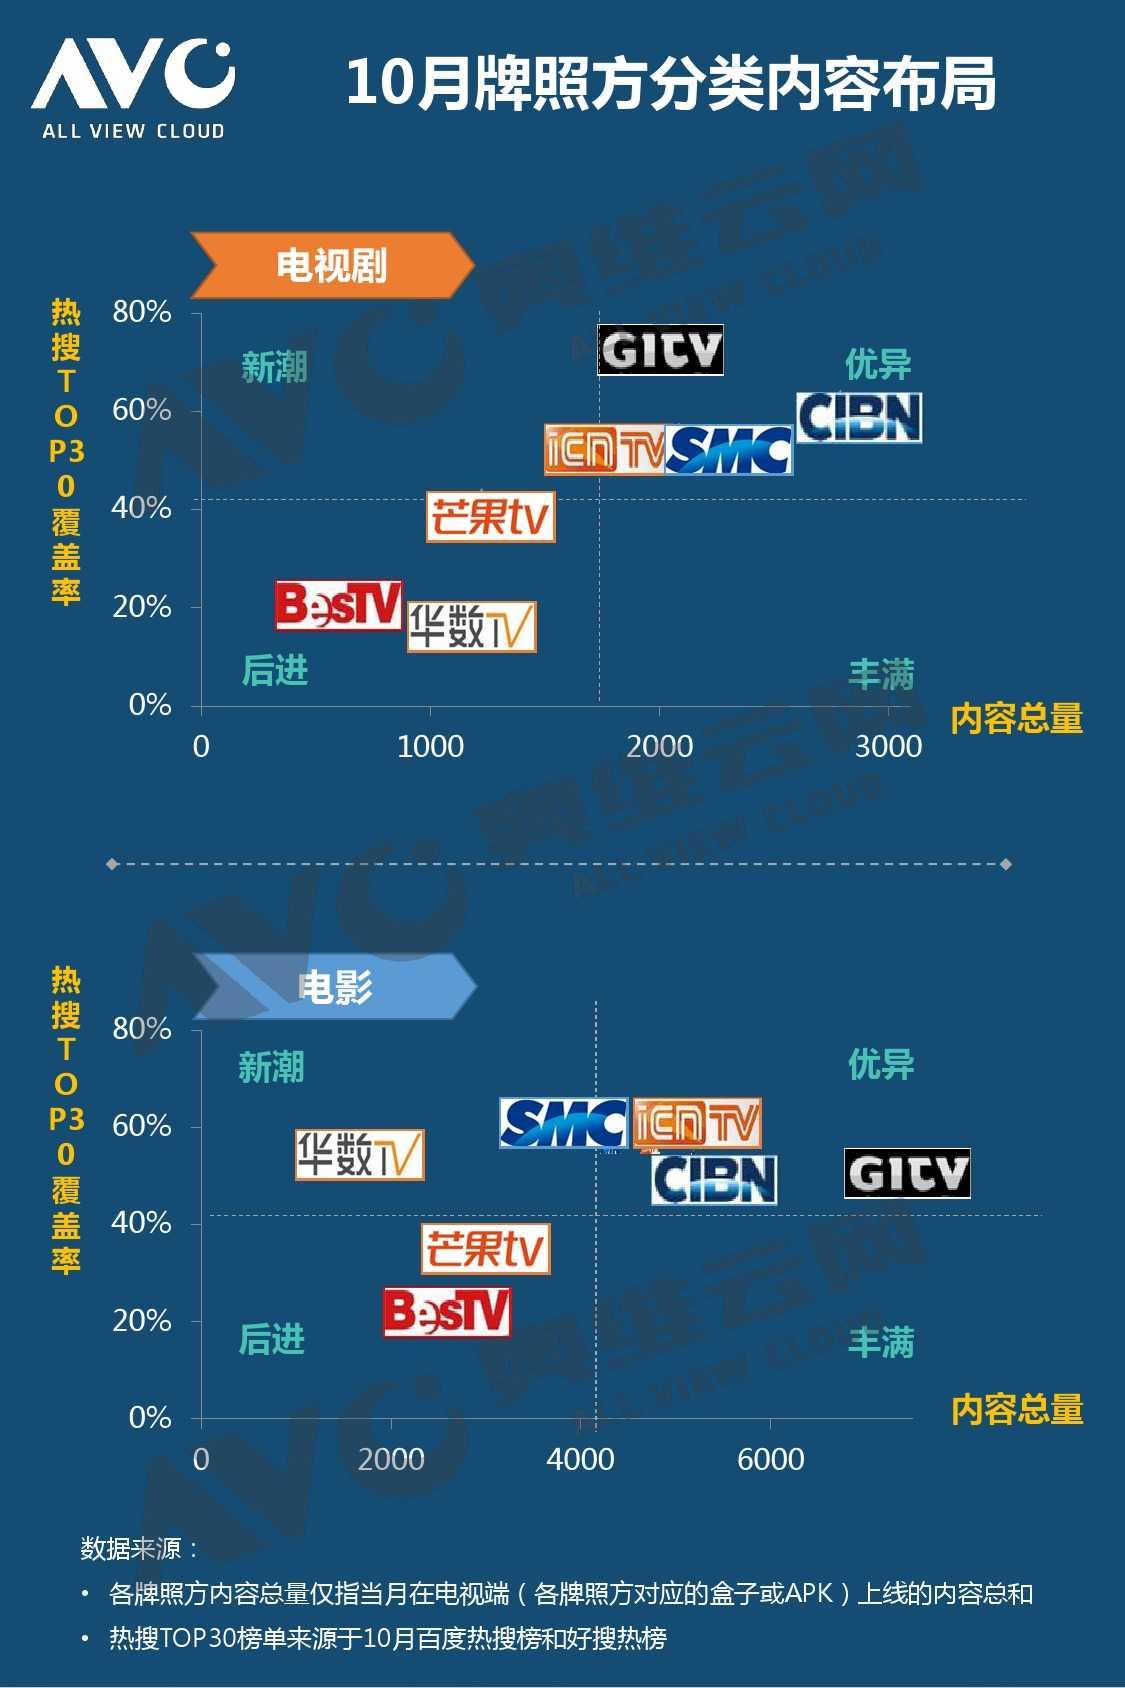 奥维云网:2015年10月份中国OTT发展研究_000014